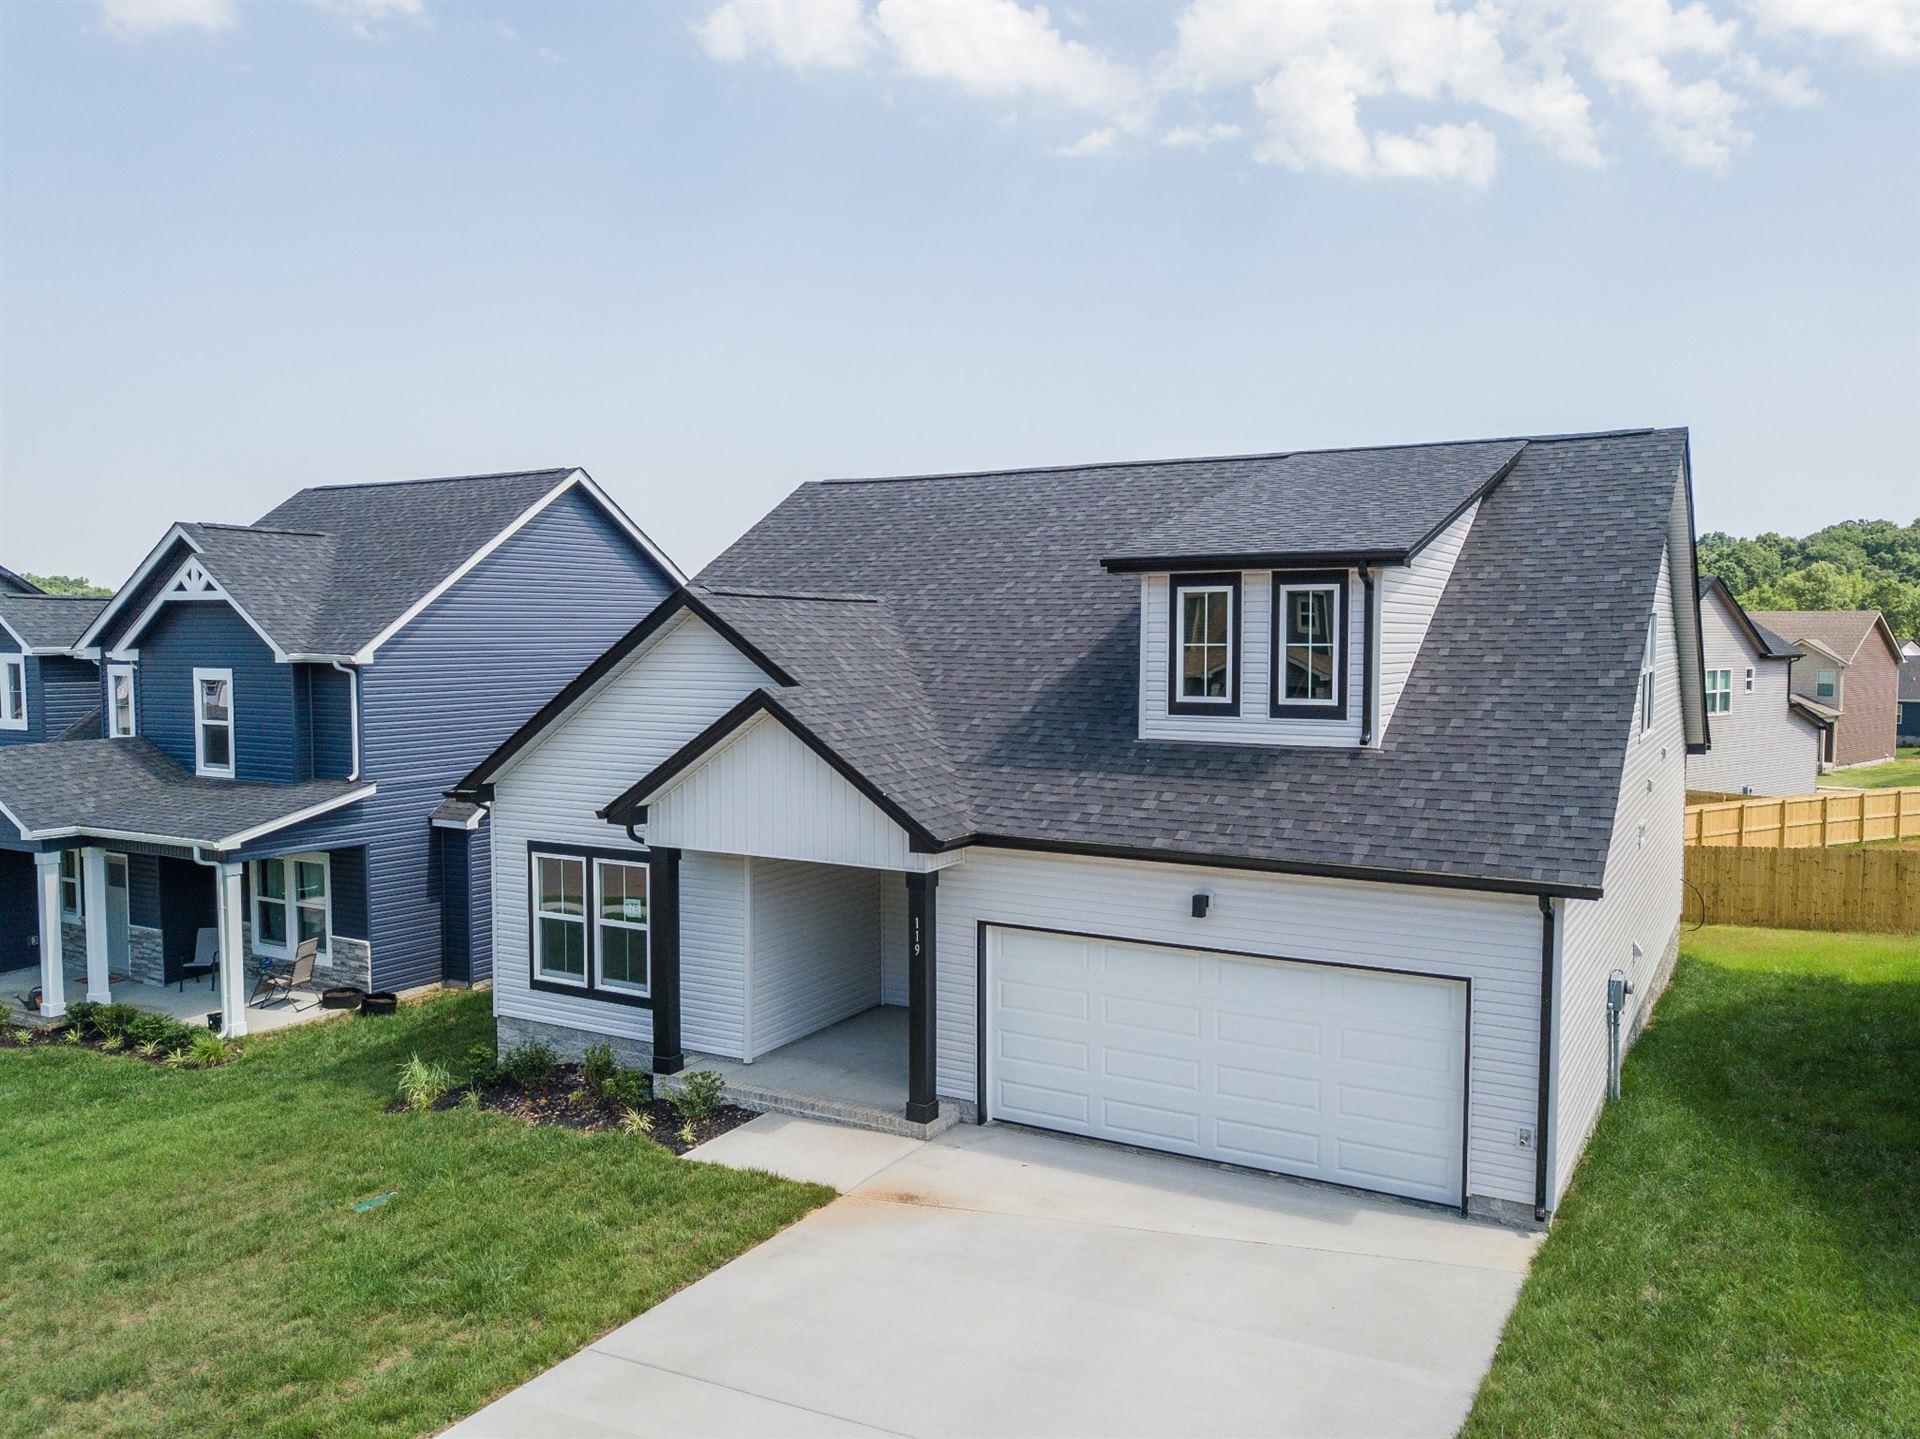 176 Chalet Hills, Clarksville, TN 37040 - MLS#: 2214356